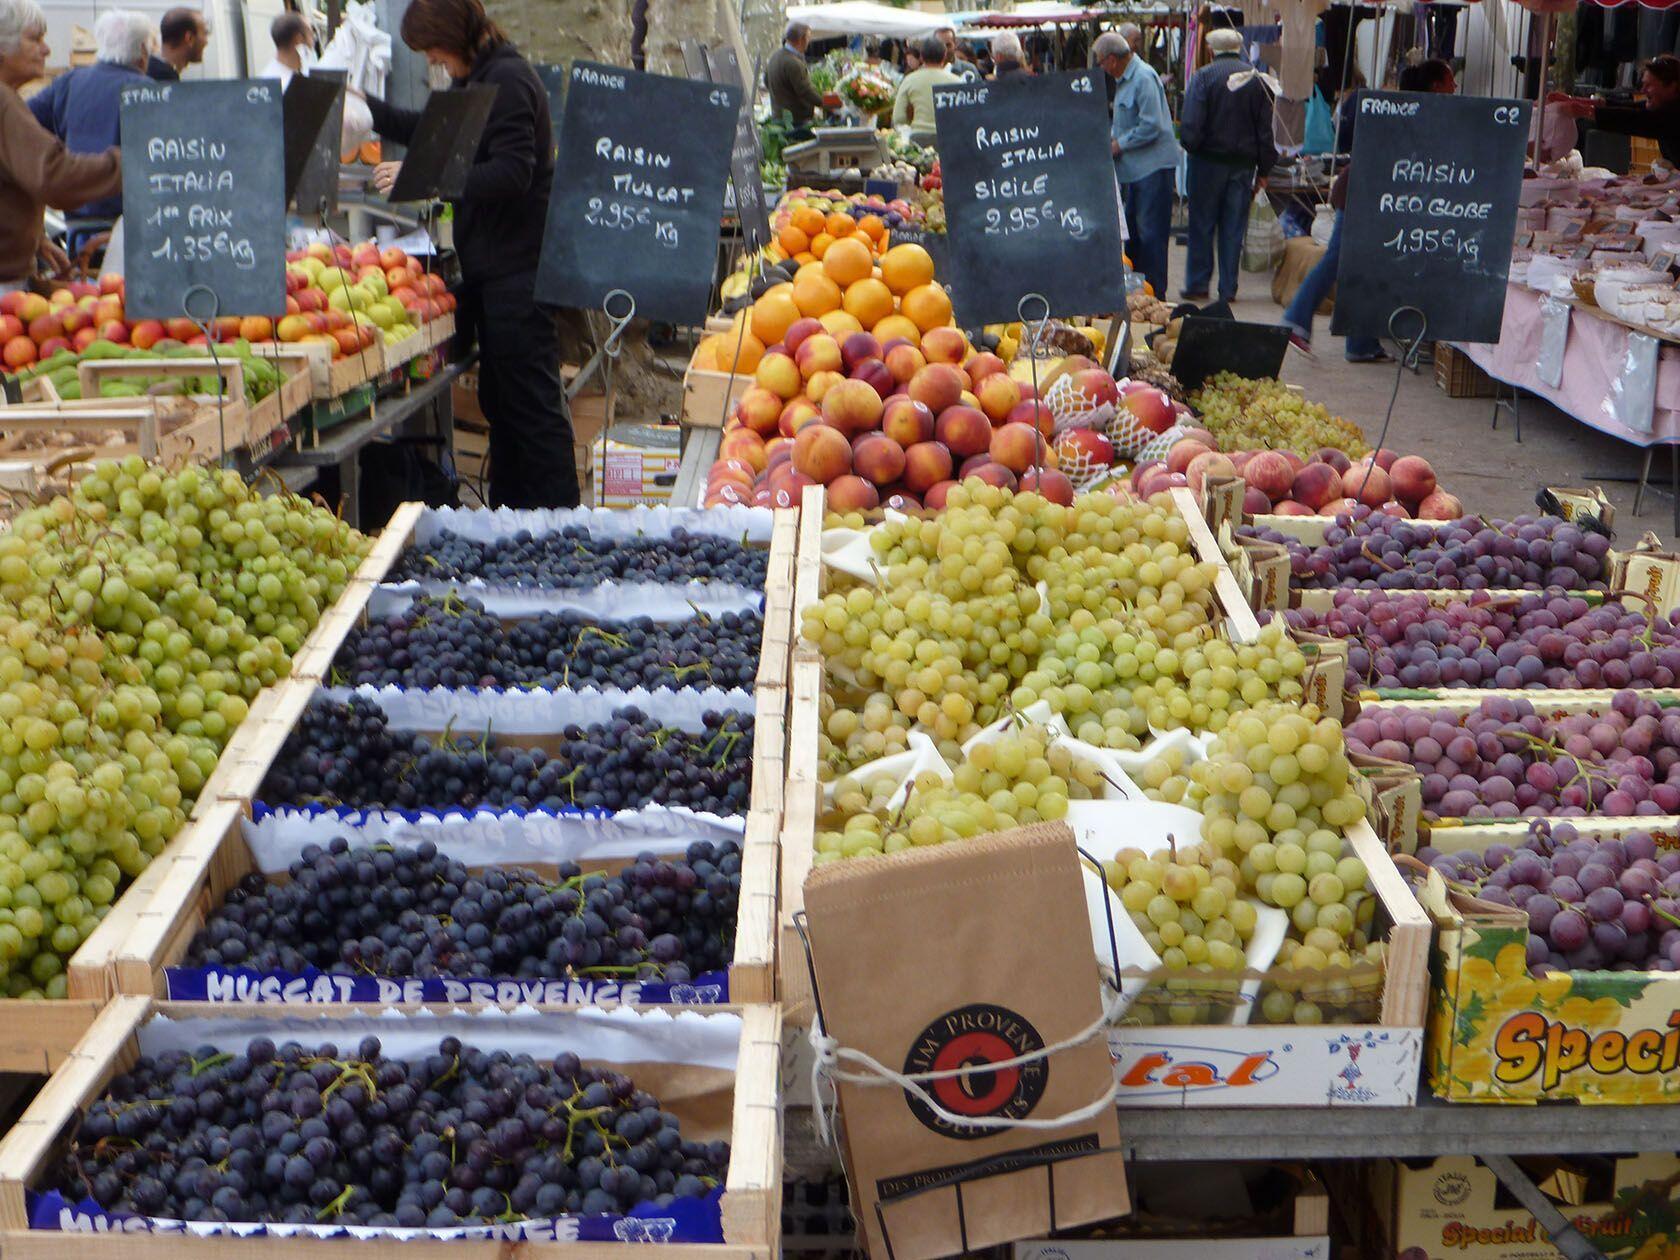 Markets Provence Cote d'Azur St Tropez